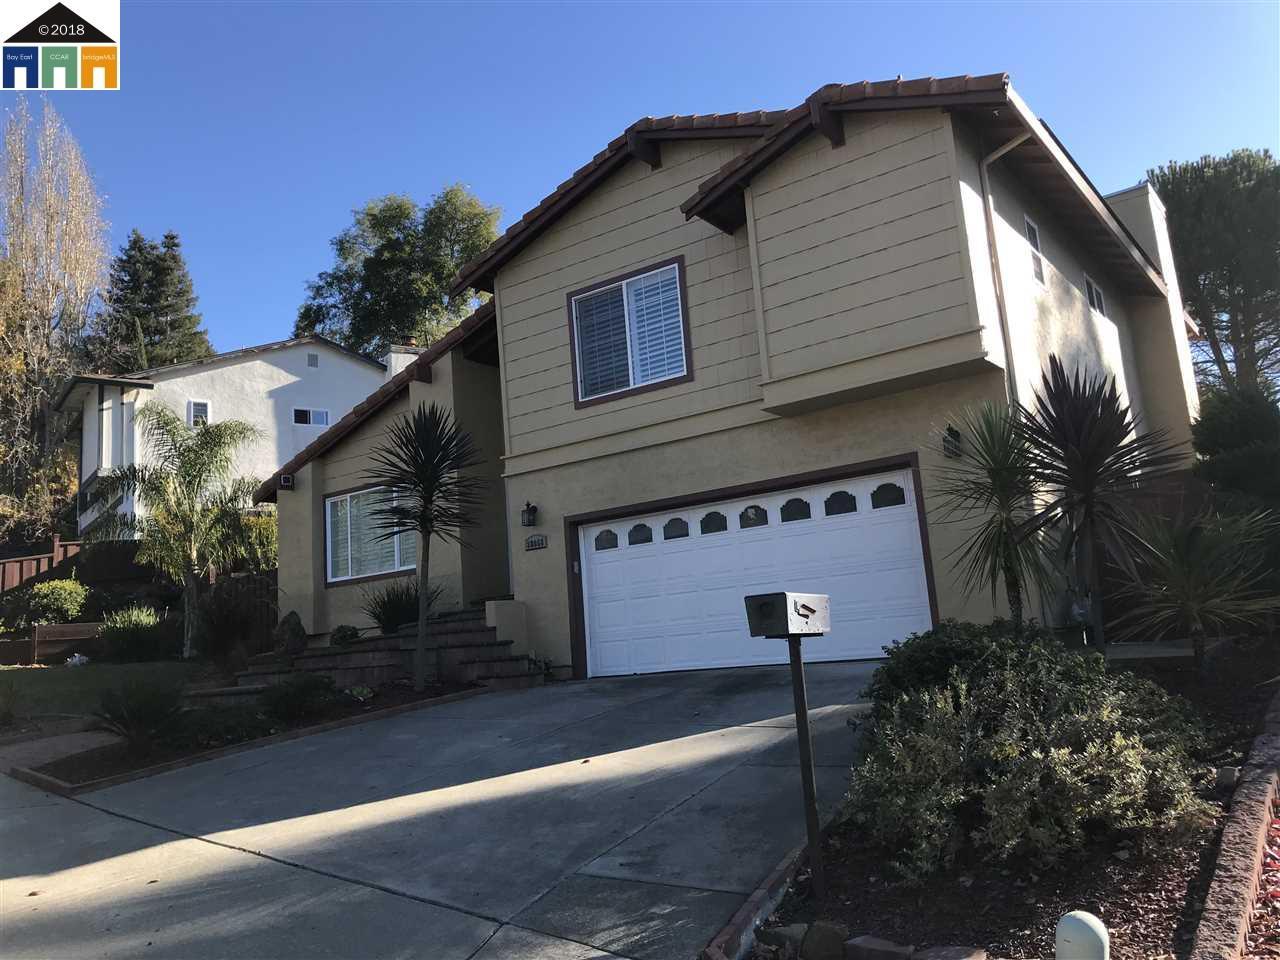 獨棟家庭住宅 為 出租 在 28068 Farm Hill 28068 Farm Hill Hayward, 加利福尼亞州 94542 美國